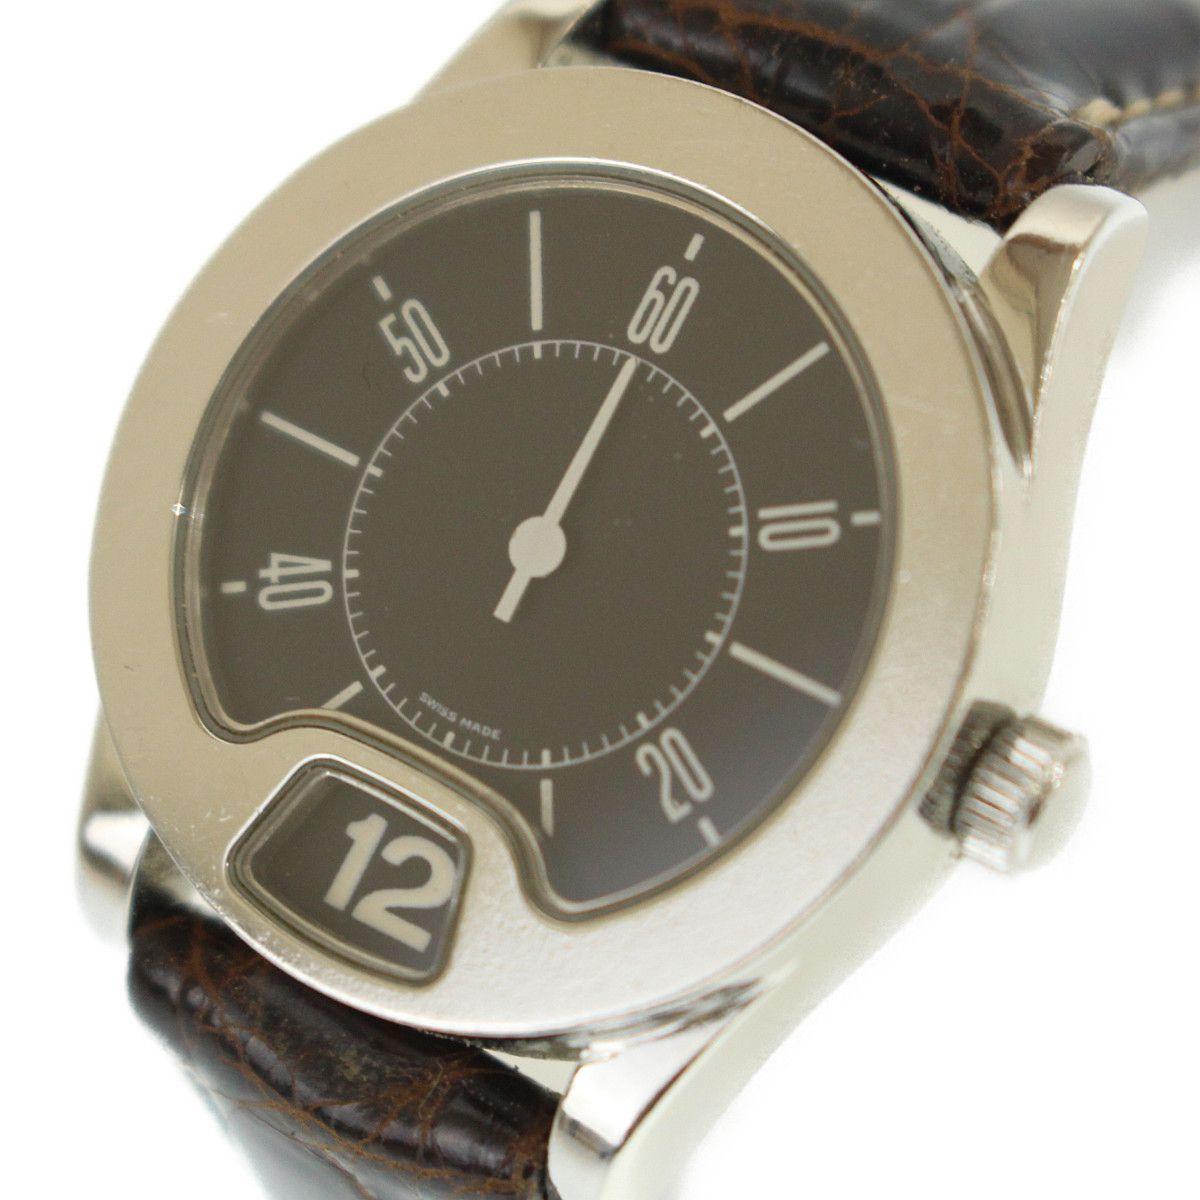 16058f42c67c 1円~ GIANNI BULGARI ジャンニブルガリ ジャンピングアワー レディース腕時計 クオーツ 114161S 社外ベルト【